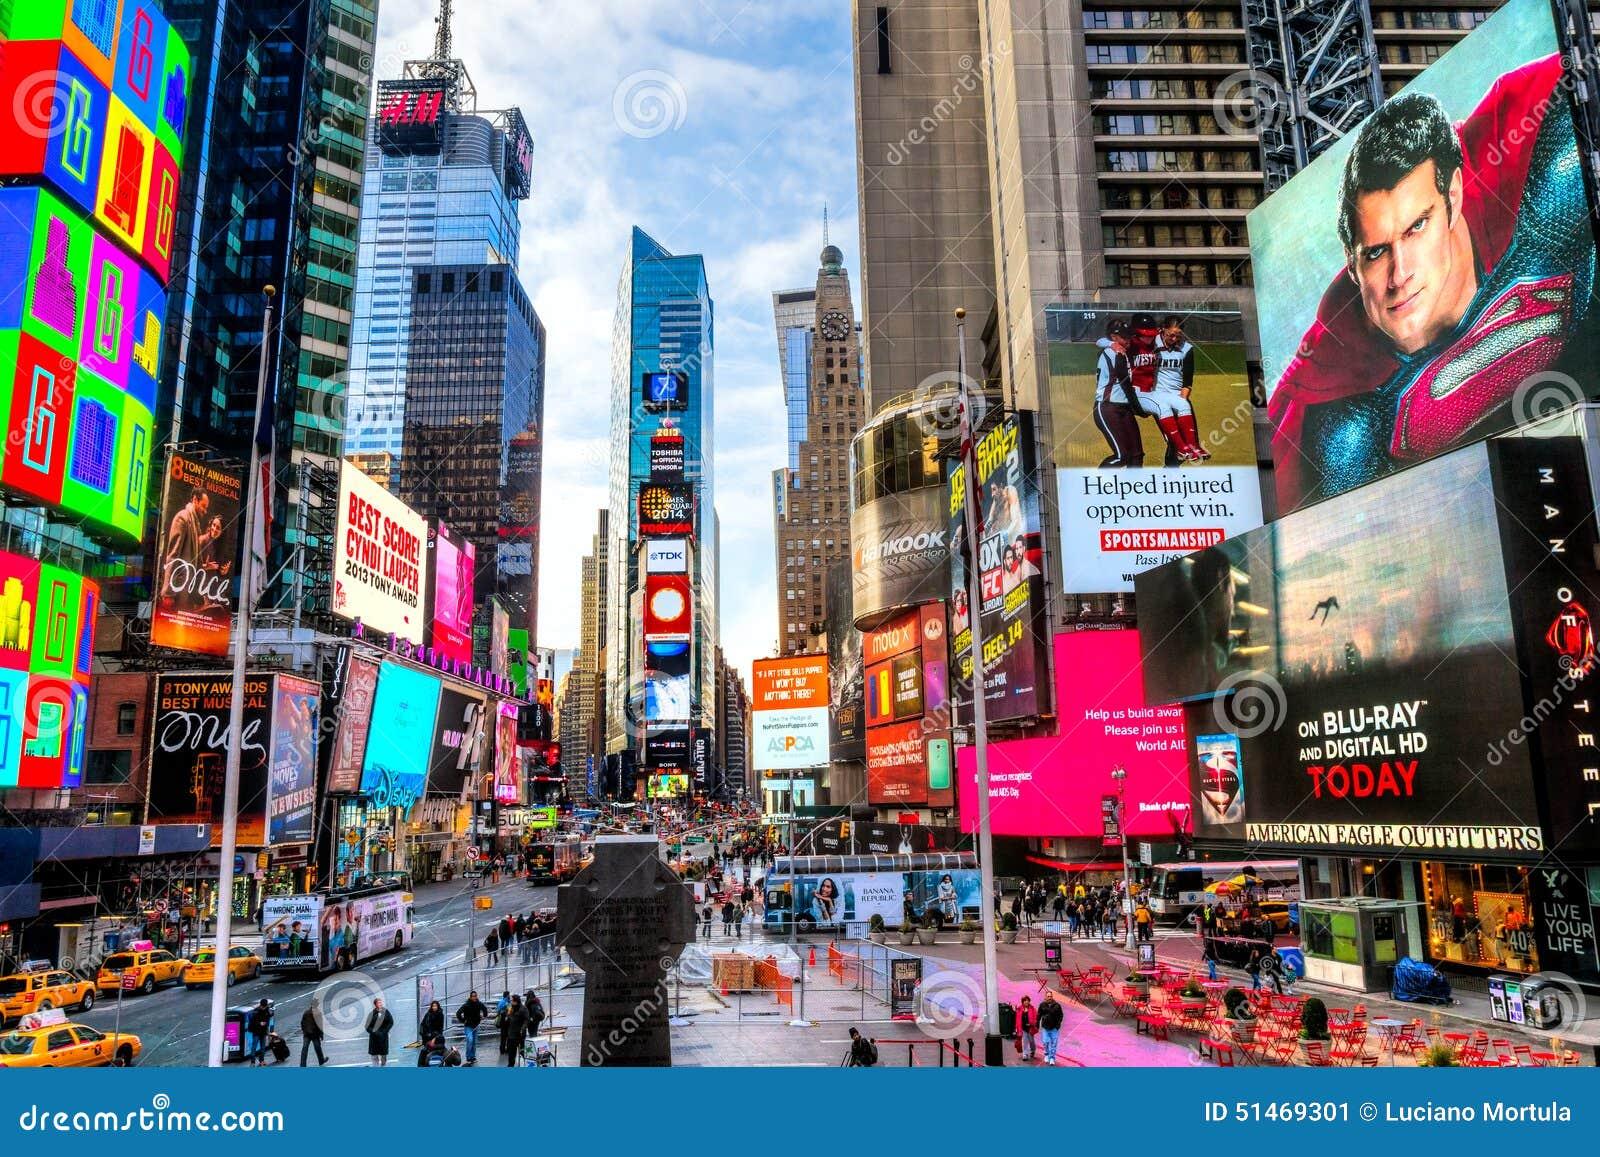 НЬЮ-ЙОРК - 25-ОЕ МАРТА: Таймс площадь, отличаемое с Th Бродвей